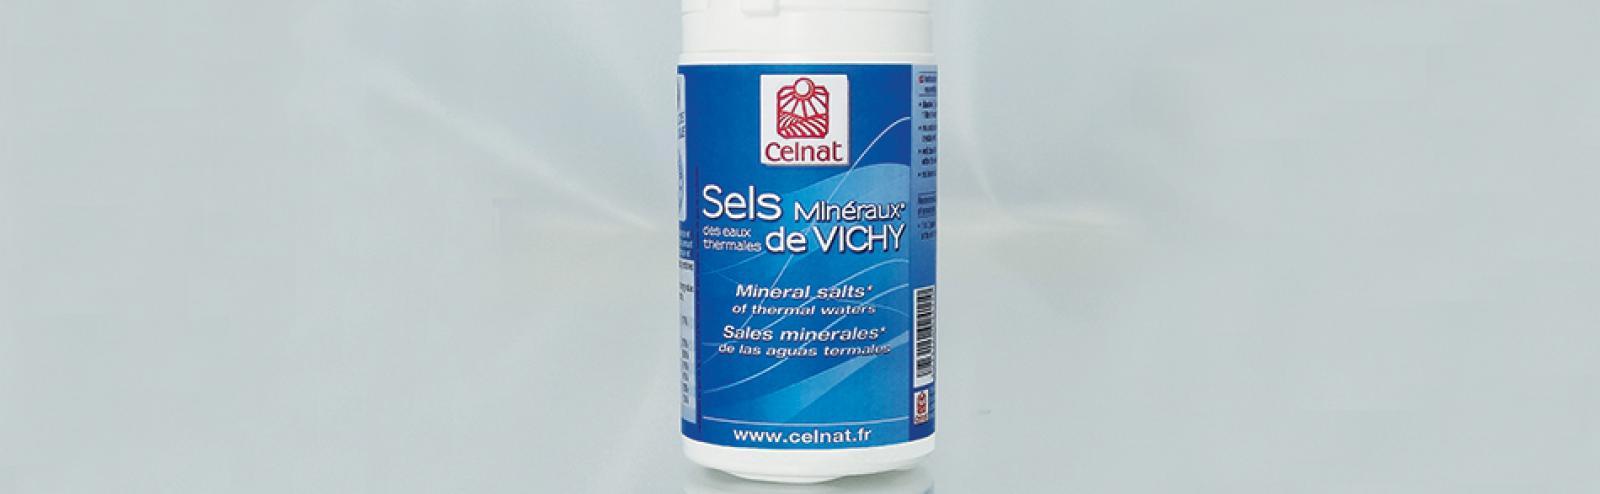 Sels minéraux de Vichy